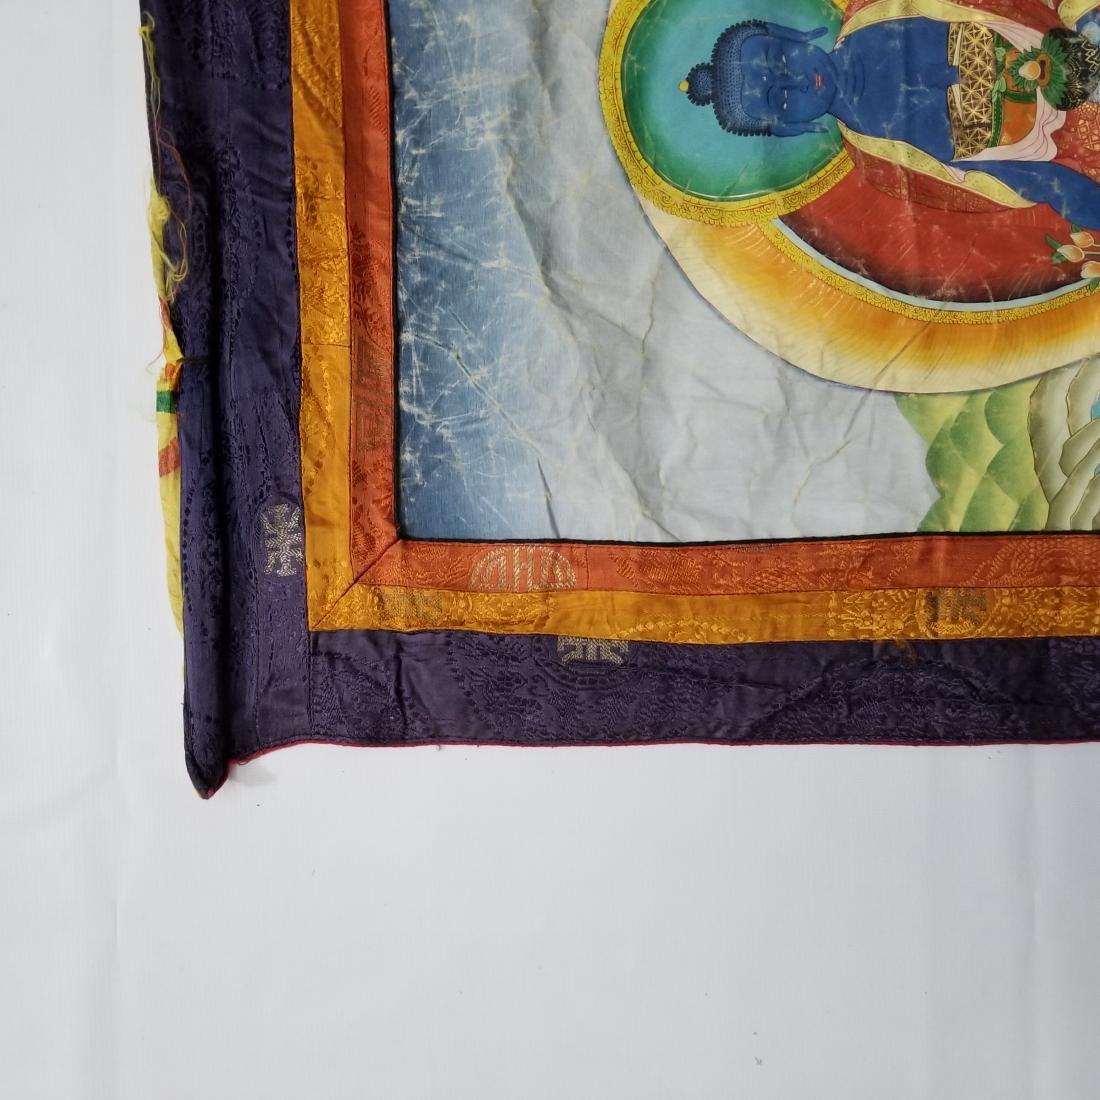 Antique Chinese Tibetan Thangka - 2